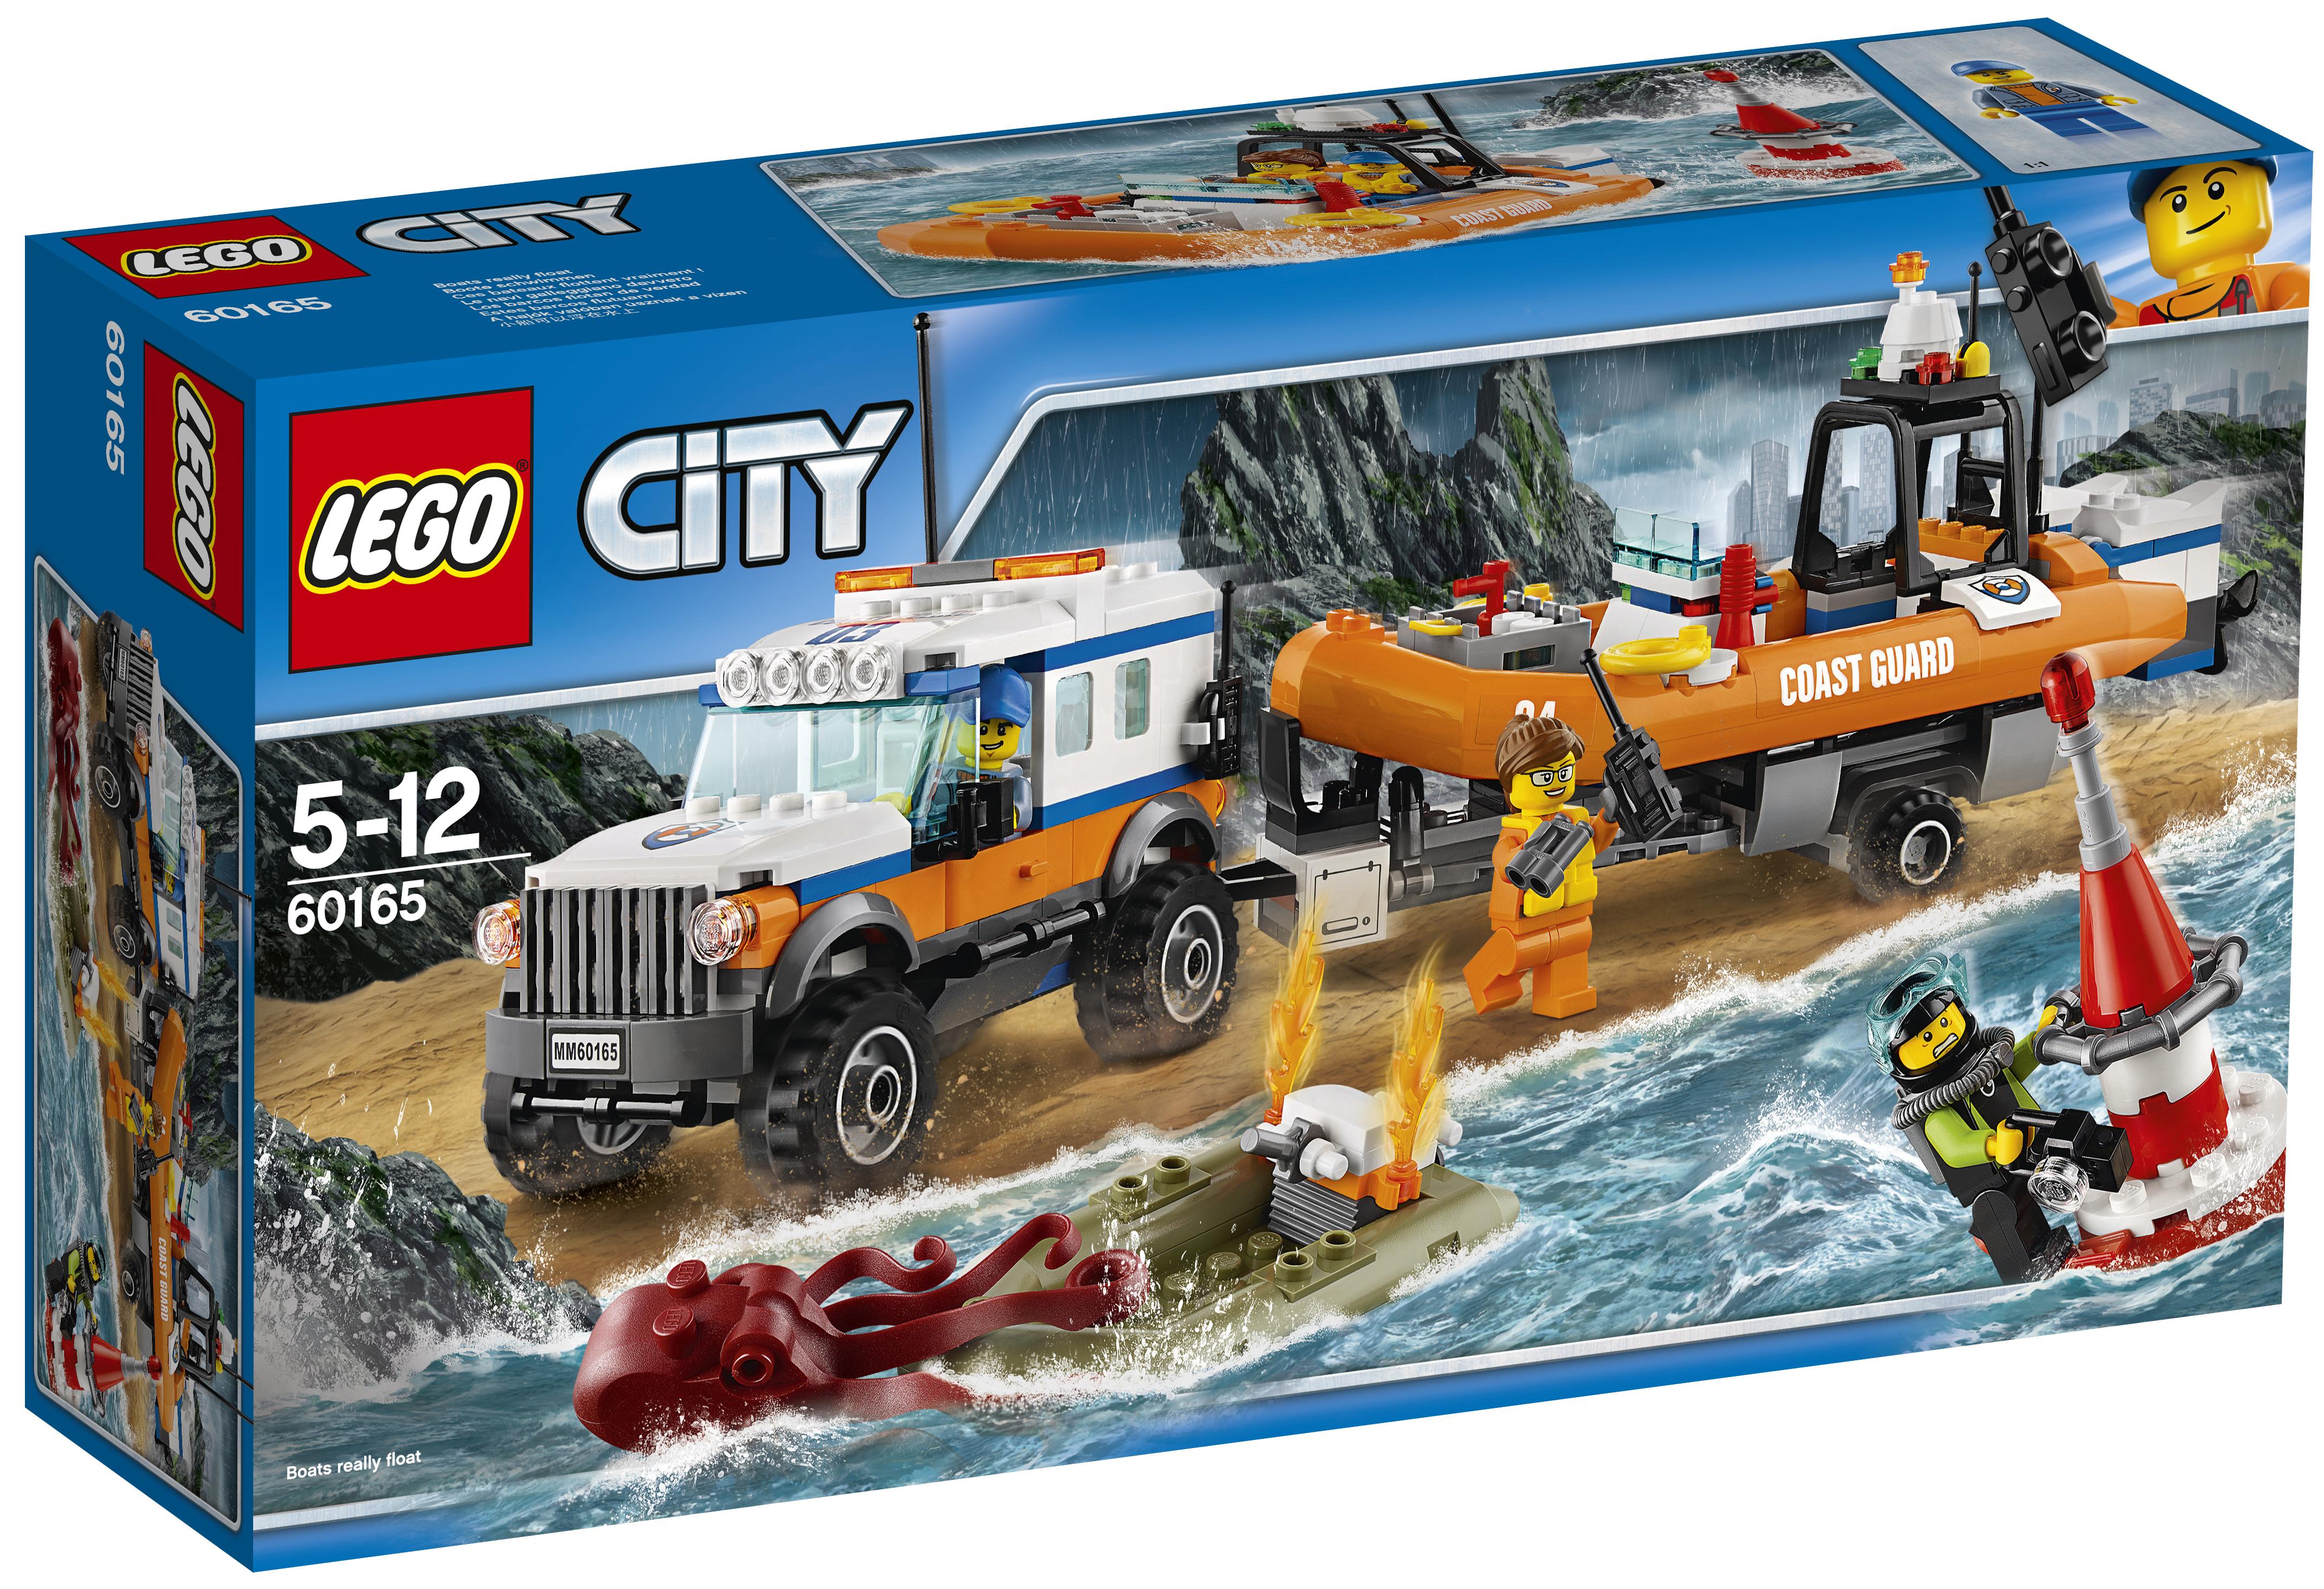 Конструктор LEGO LEGO City Coast Guard 60165 Внедорожник 4х4 команды быстрого реагирования конструктор lego city coast guard штаб береговой охраны 60167